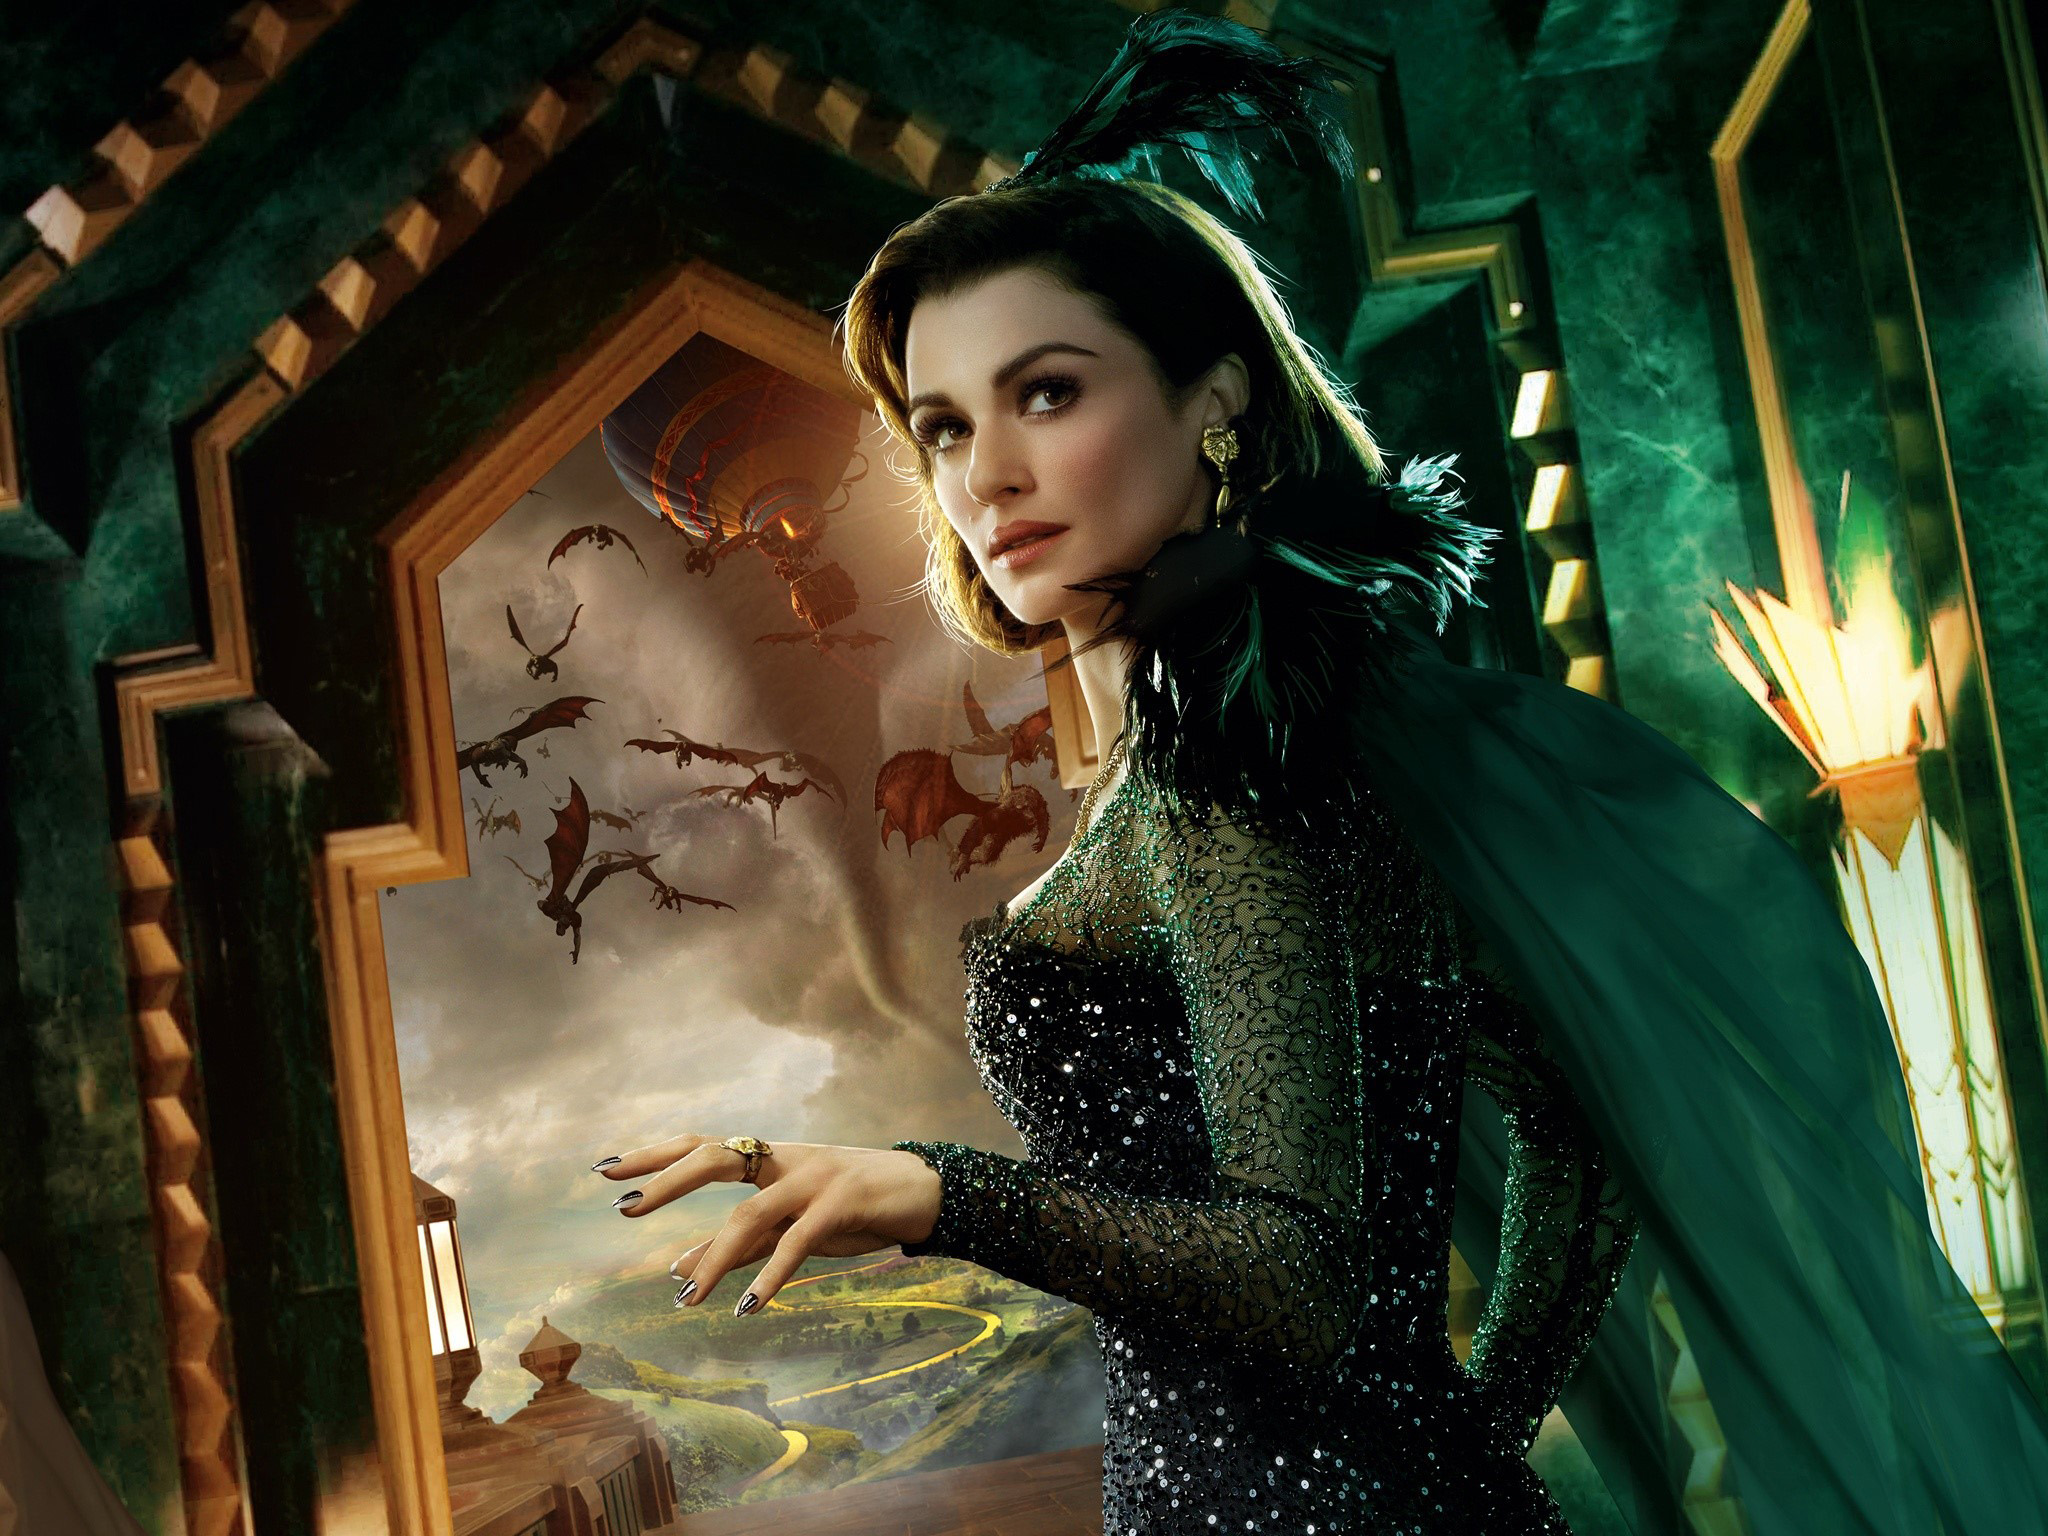 Fondos de pantalla Rachel Weisz en El gran y poderoso Oz